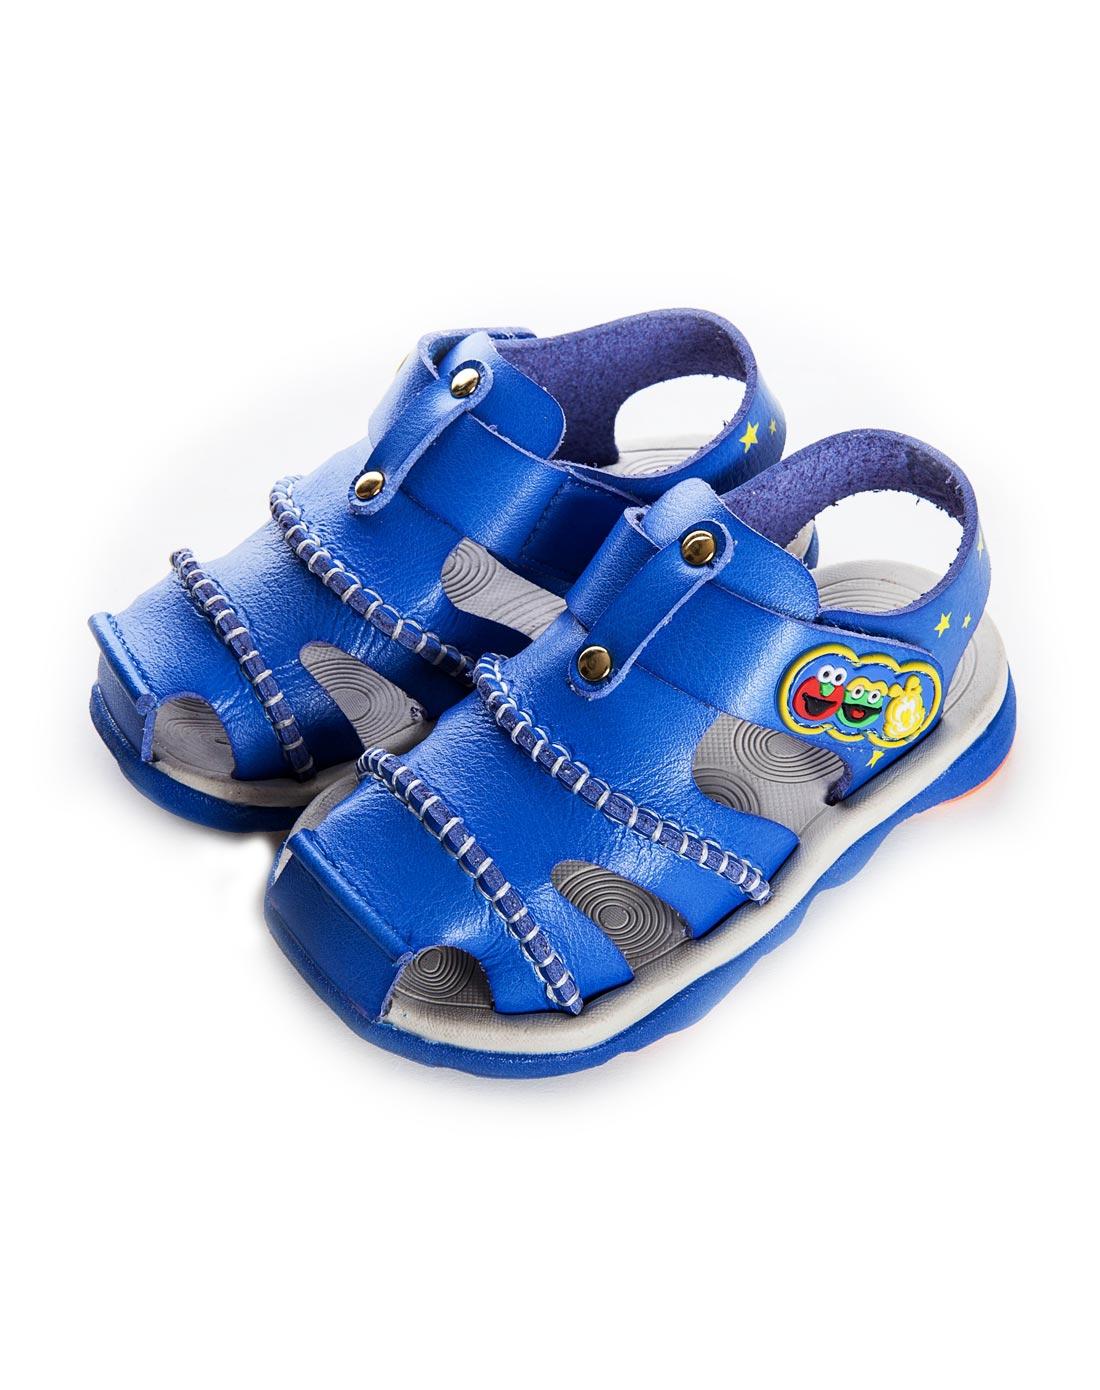 巴布豆儿童专场-男童宝蓝凉鞋